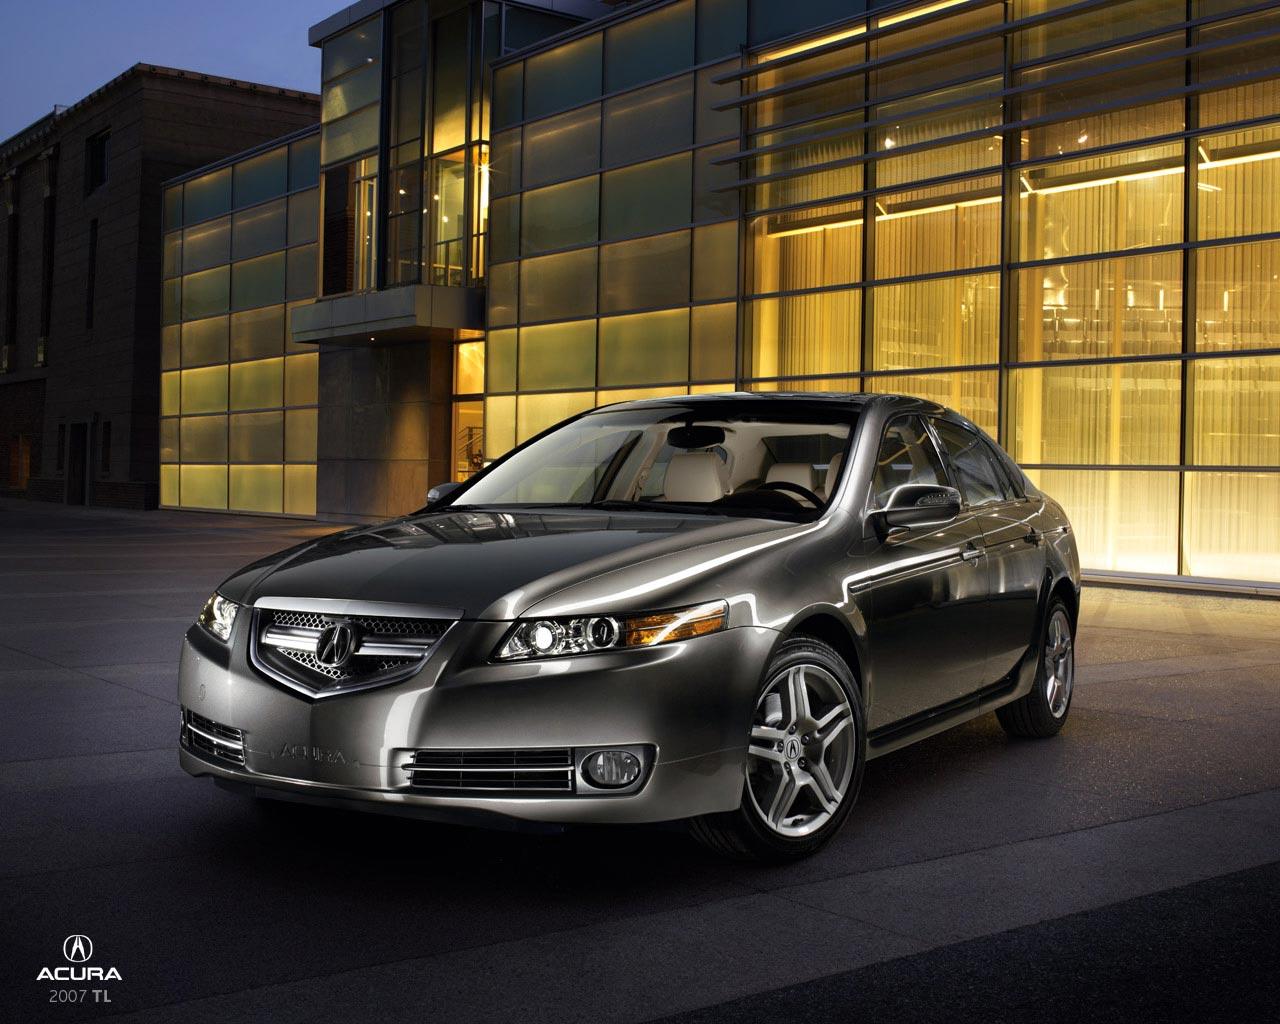 Acura, Background, Black, Car, Hd